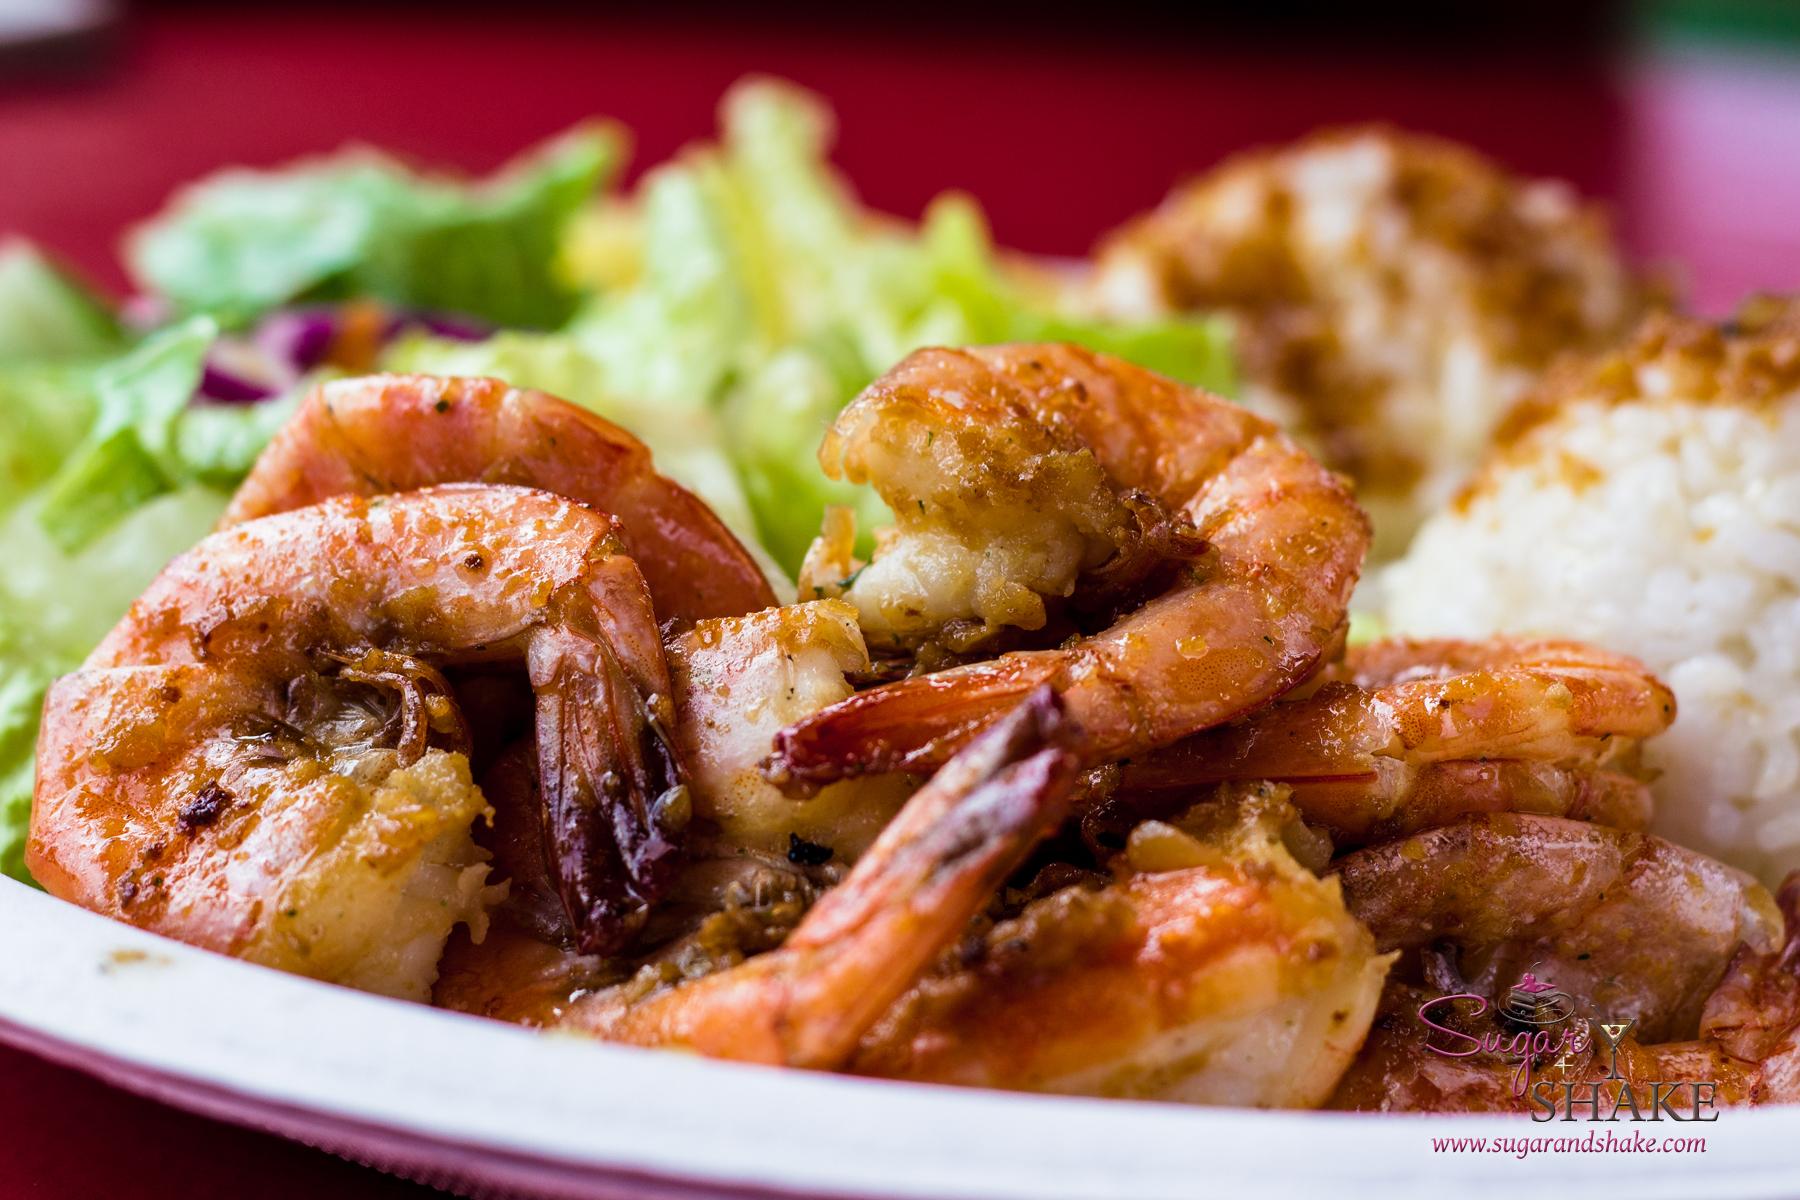 Macky's shrimp plate. © 2013 Sugar + Shake